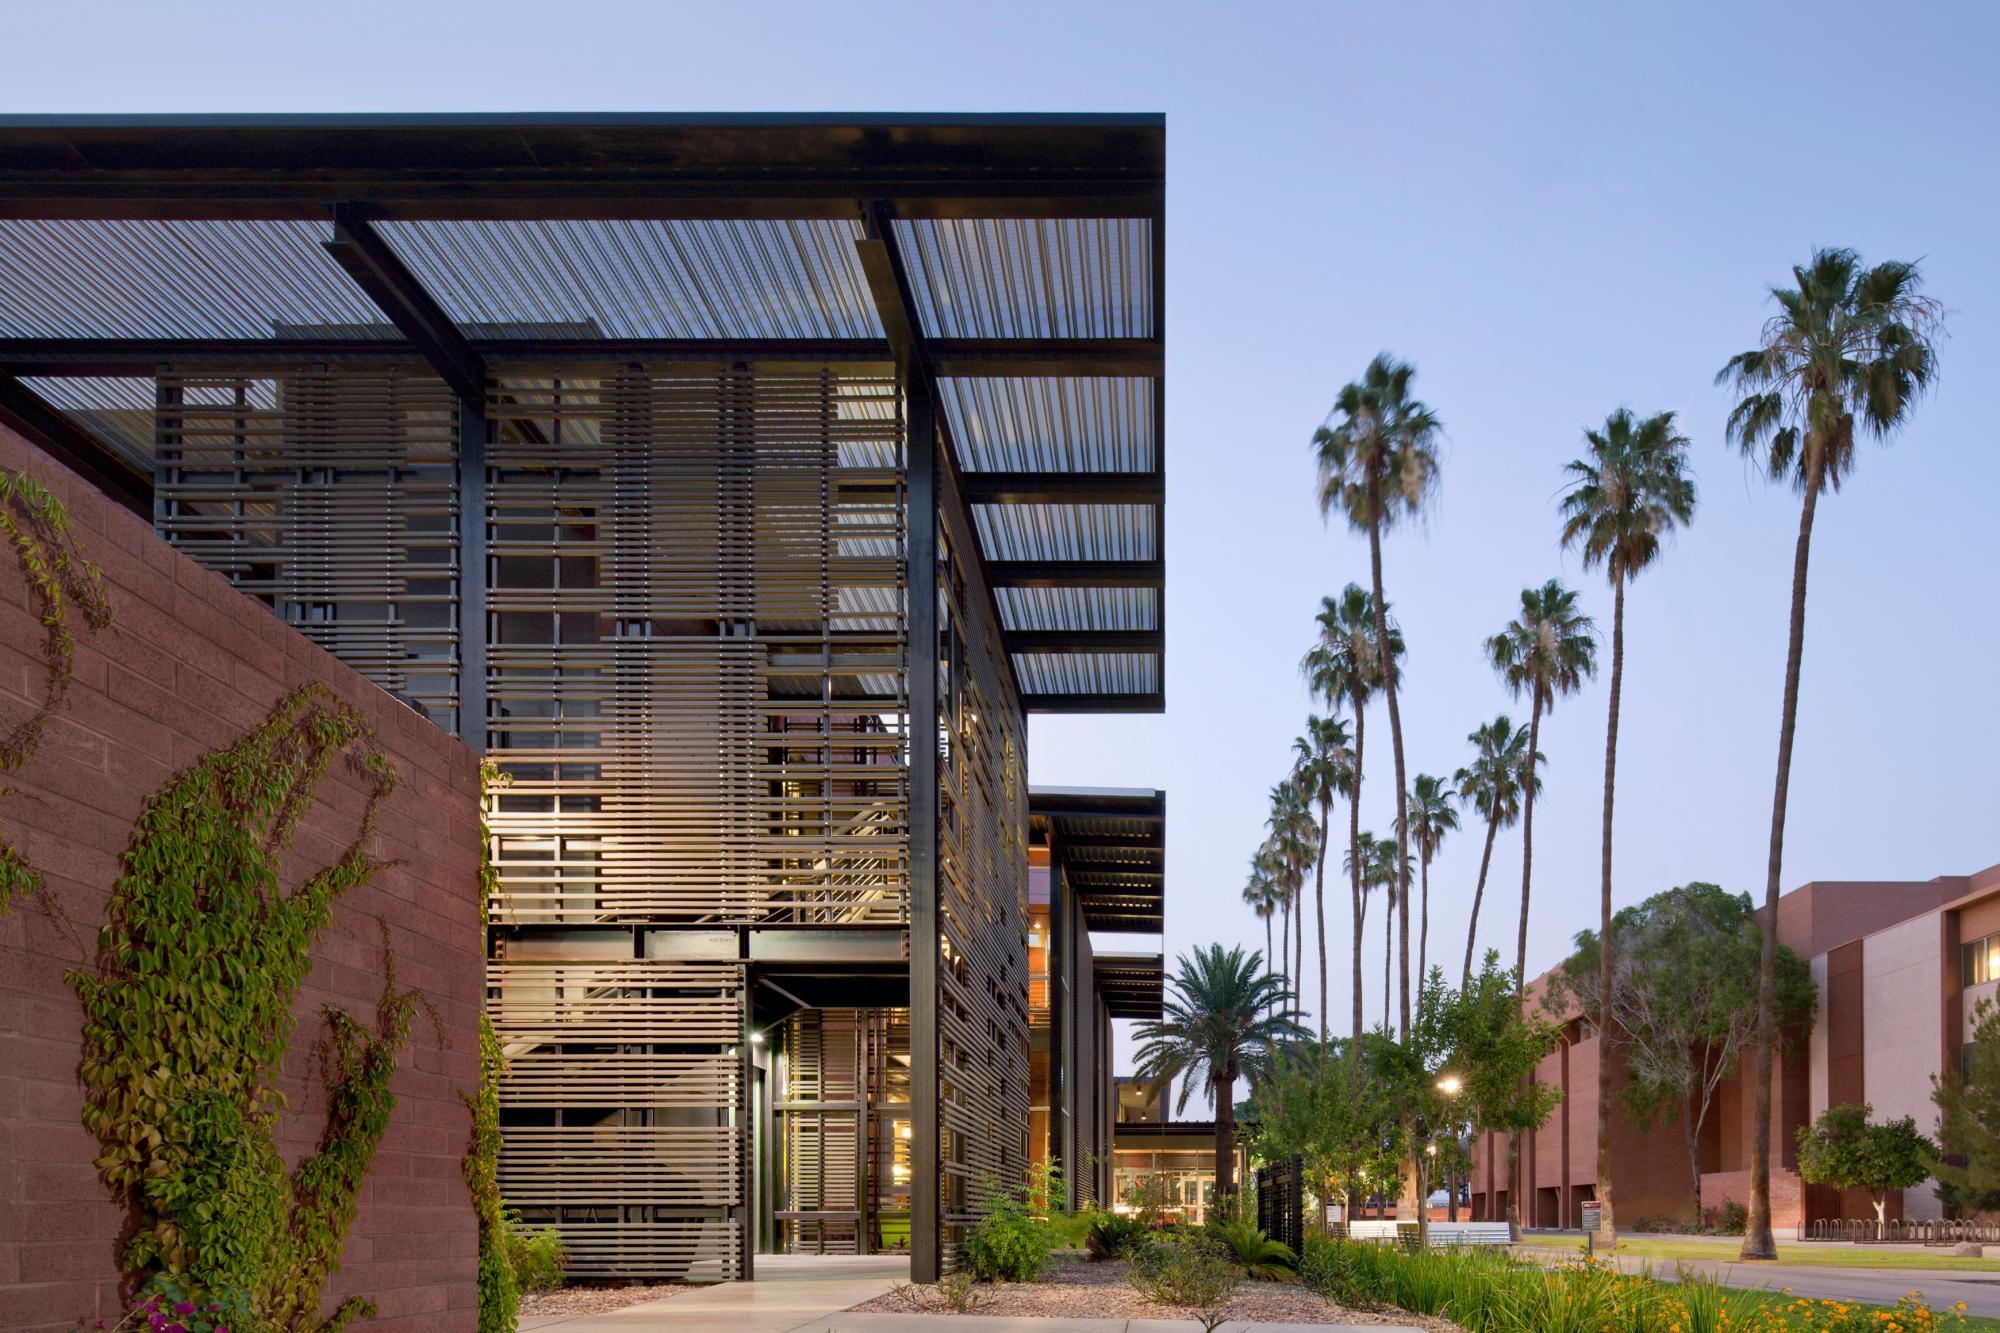 ASU Health Services Building